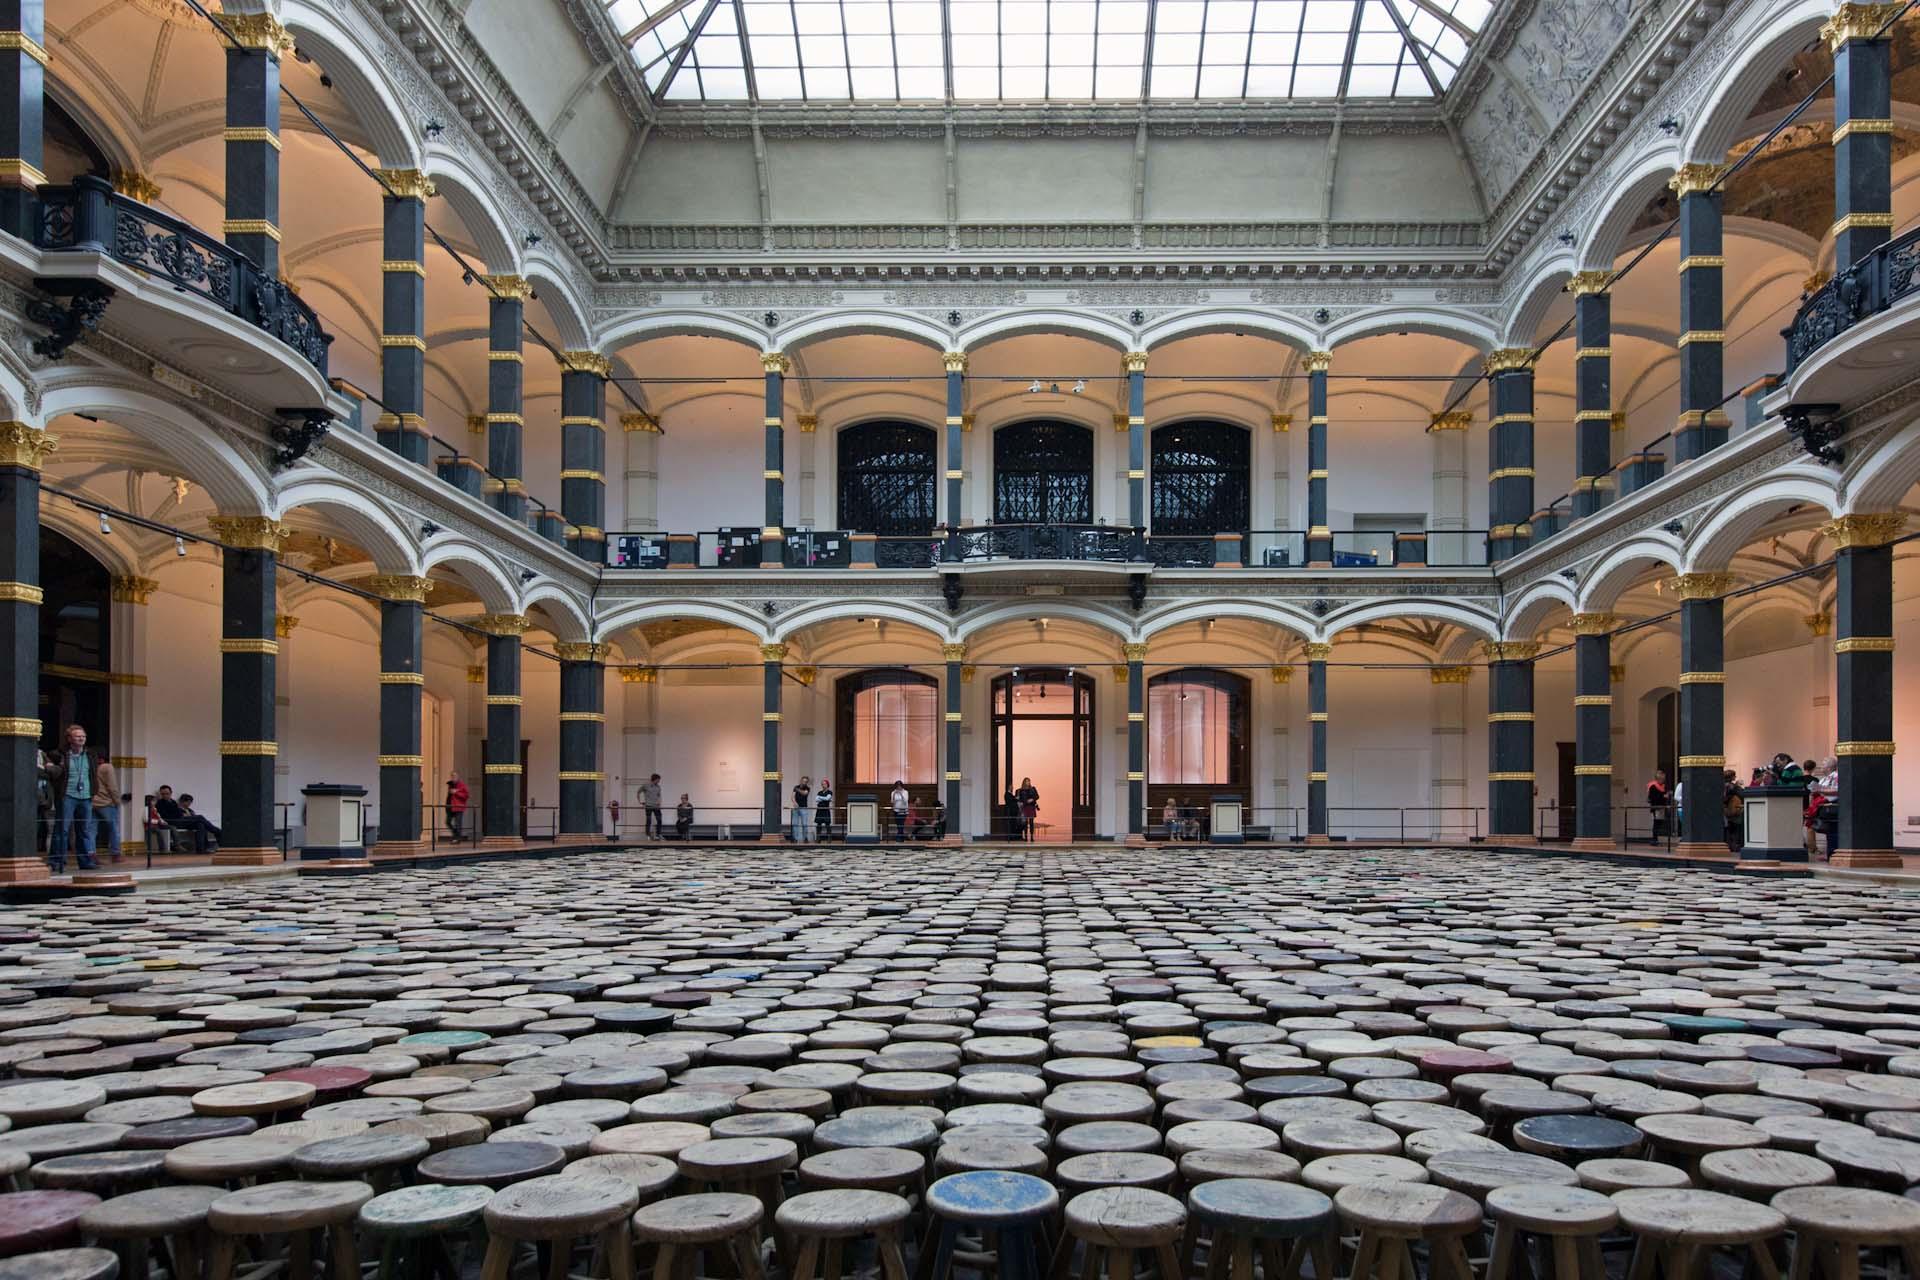 Ai Weiwei Ausstellung im Gropiusbau Berlin. Im Innenhof sind 1000 Hocker, darunter zum Teil mehrere Jahrhundert alte, aus chinesischen Haushalten ausgestellt.